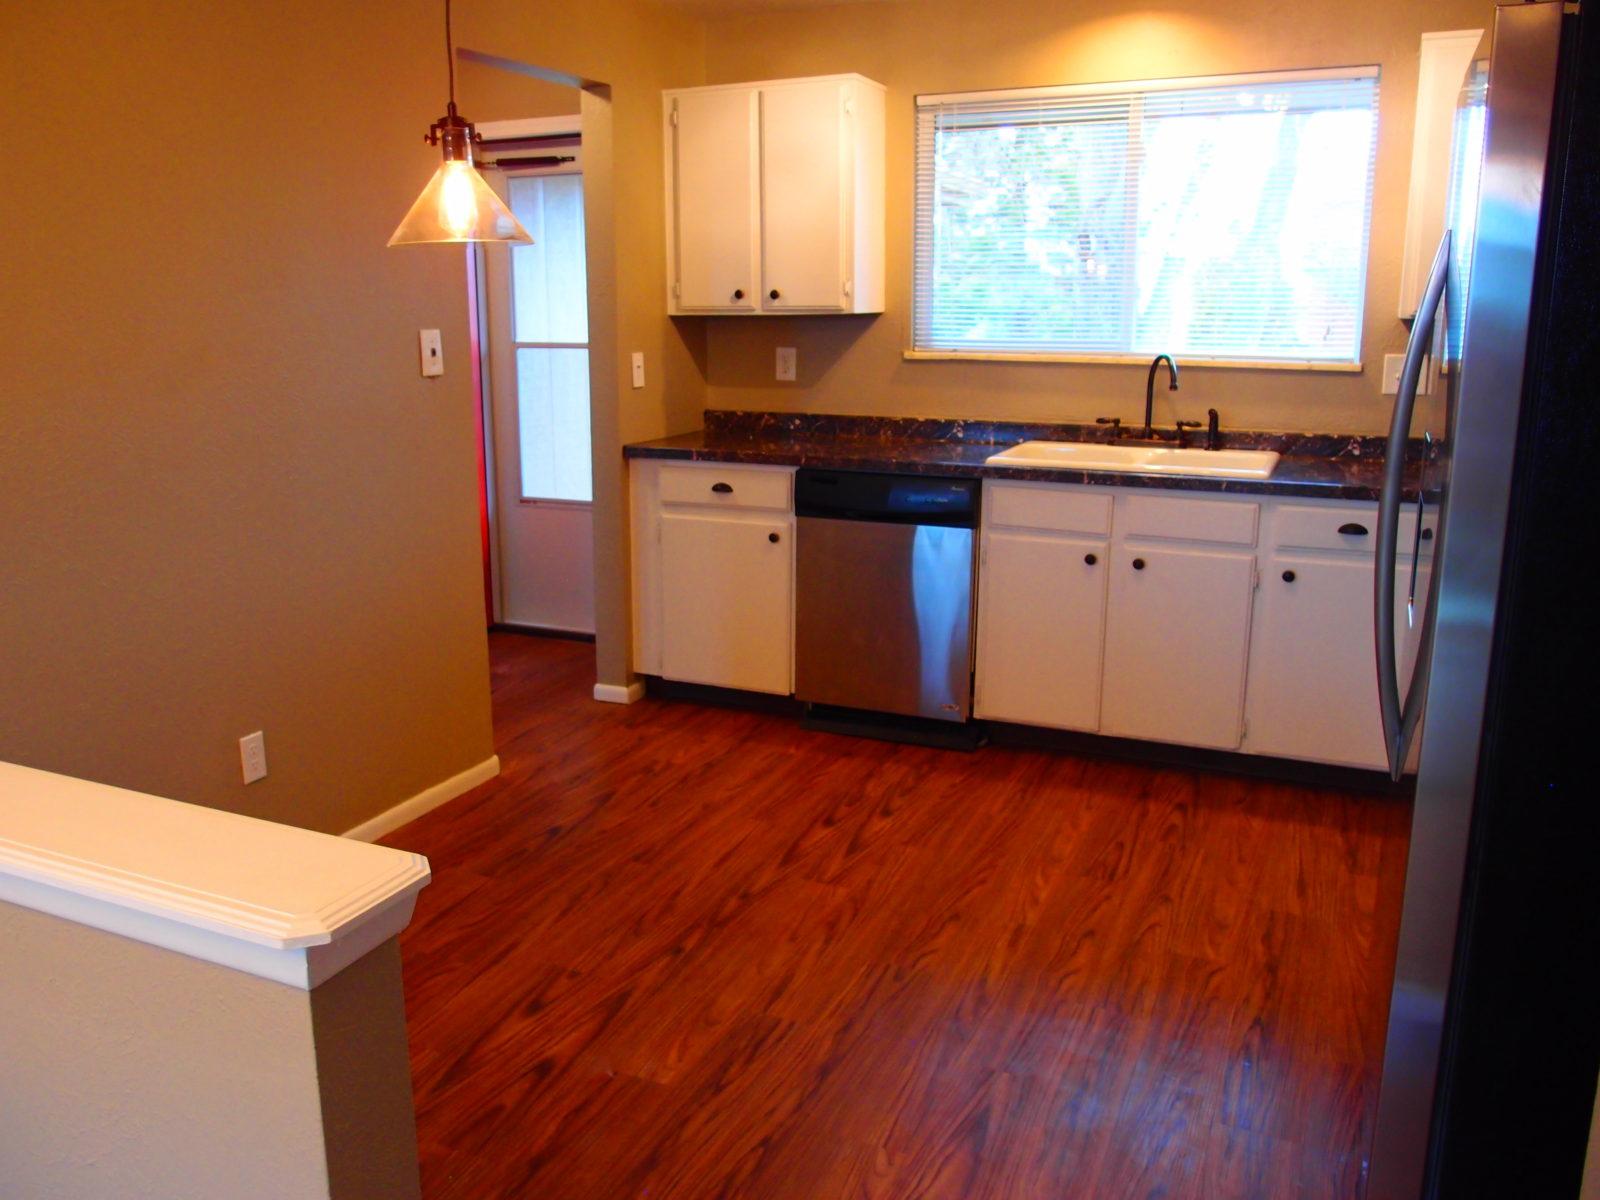 231 kitchen 4